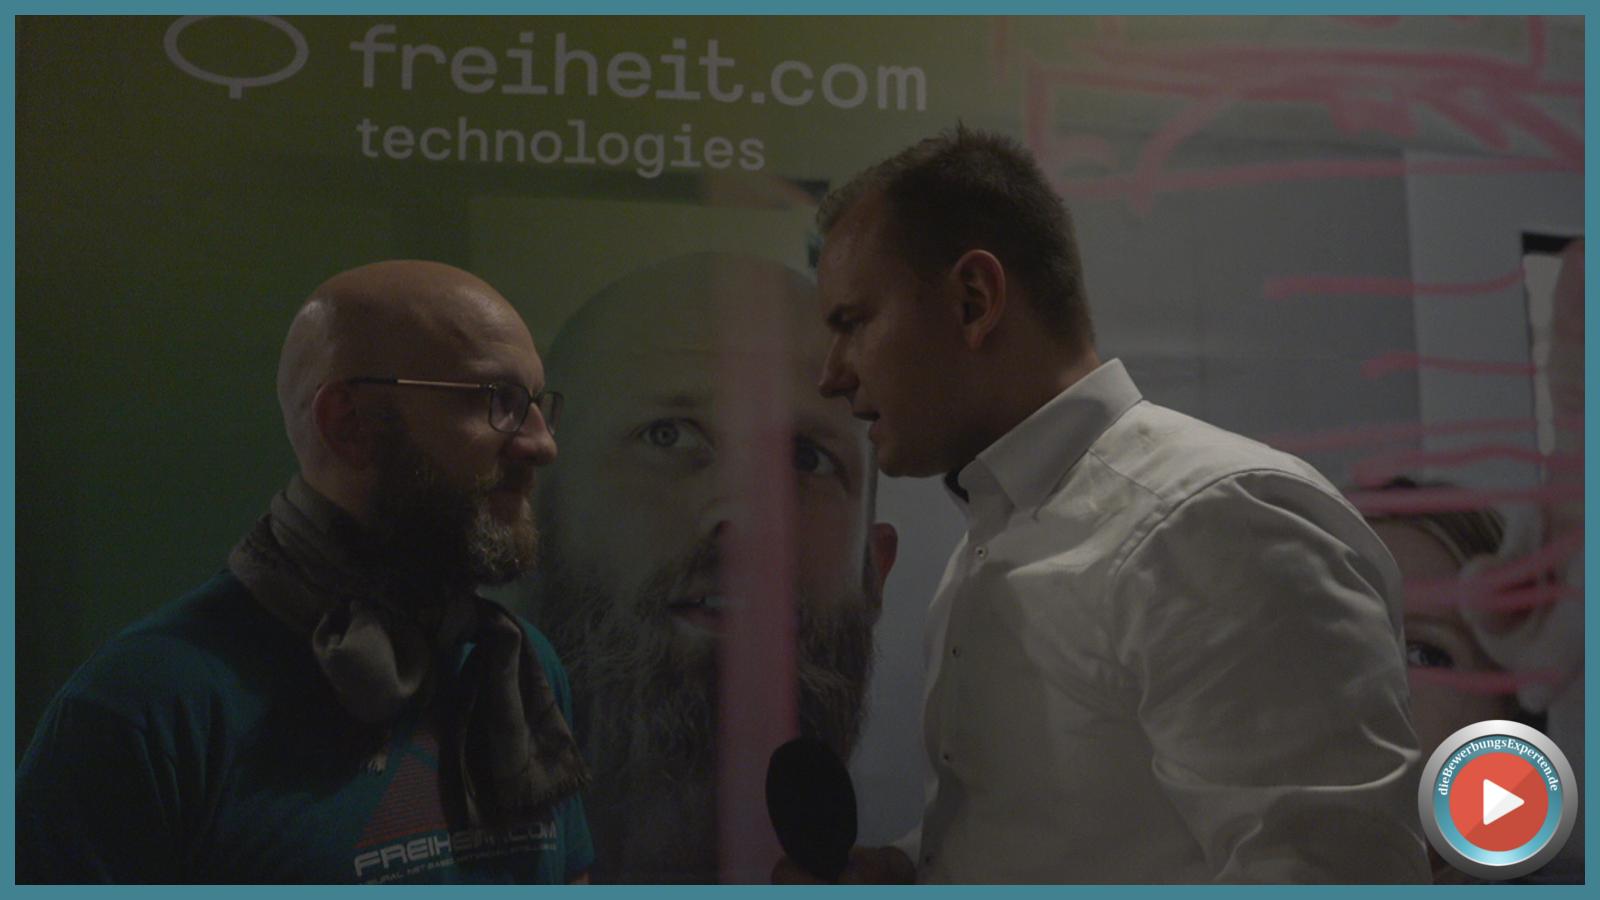 Der Hamburger Internet-Pionier Stefan Richter von freiheit.com technologies sagt, worauf er bei der Personalauswahl achtet.